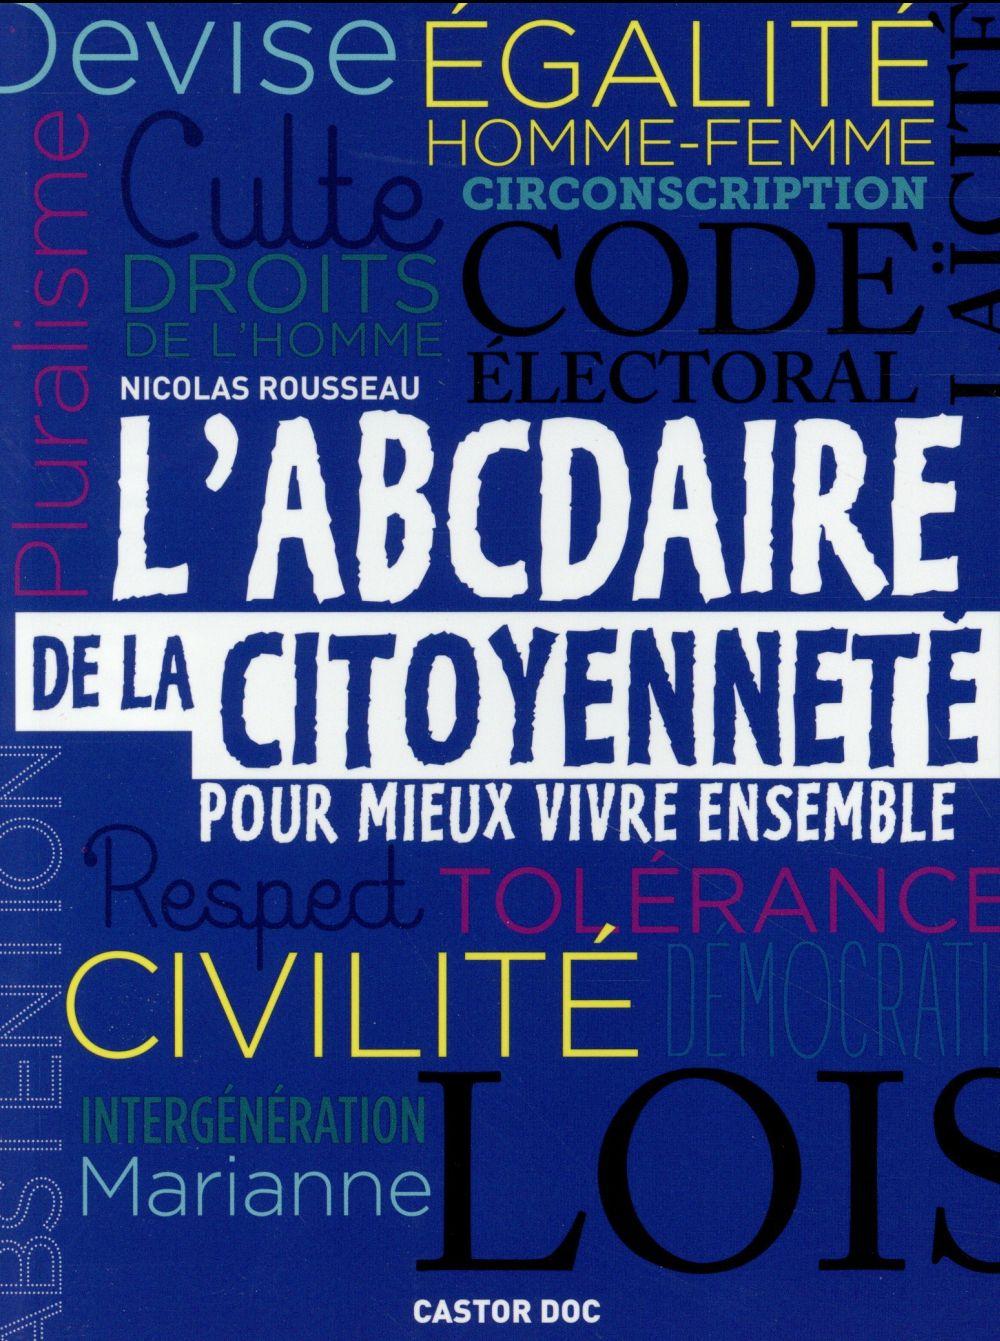 ABCDAIRE DE LA CITOYENNETE POUR MIEUX VIVRE ENSEMBLE